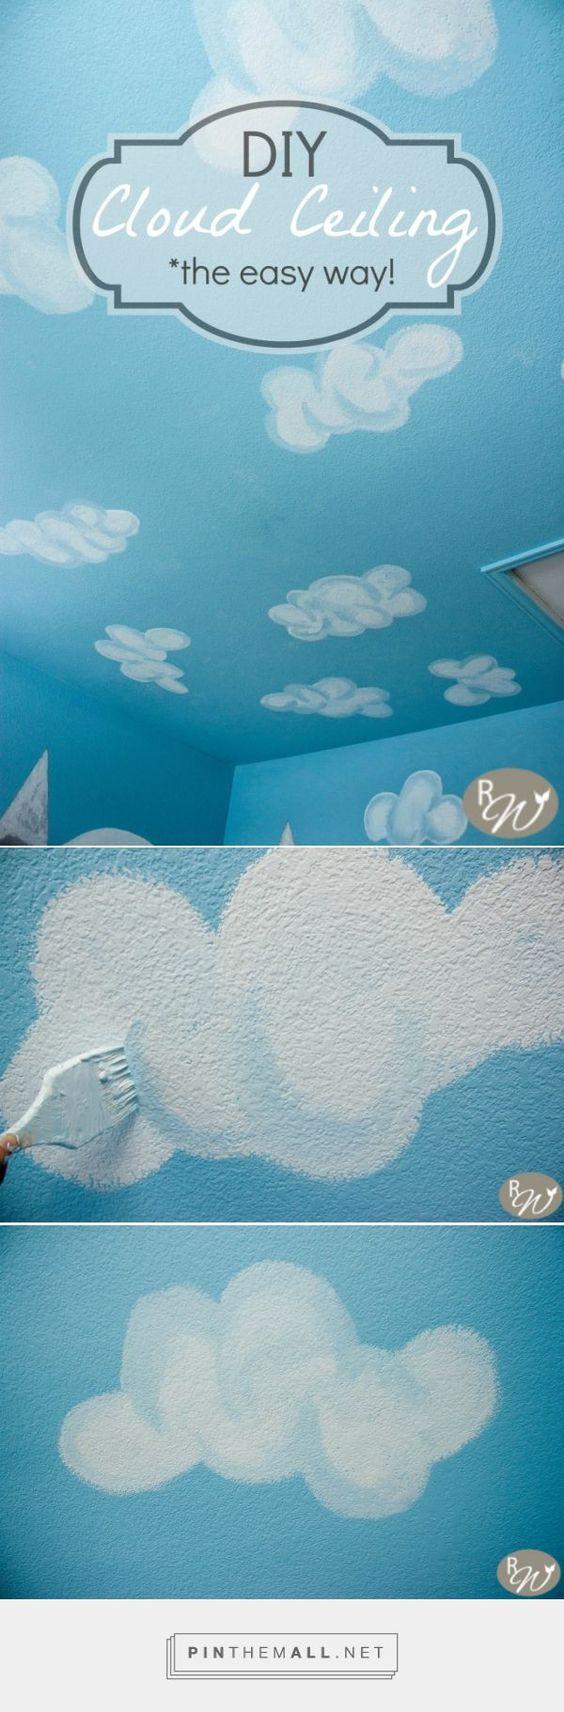 Diy cloud ceiling the easy way cloud ceiling ceilings for Diy clouds ceiling